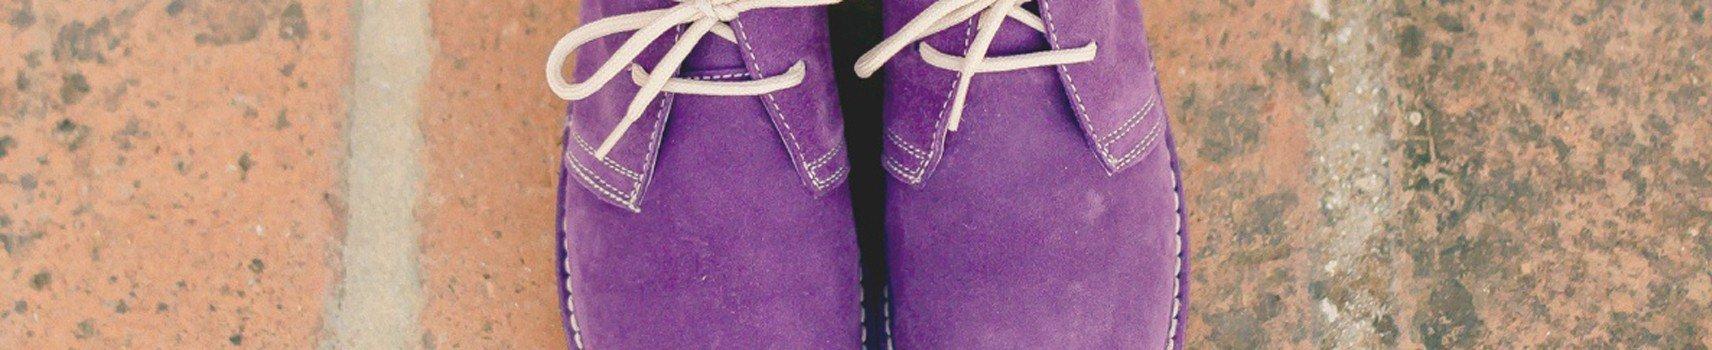 Stiefel für Frauen. Exklusive Kollektion und beste Qualität.